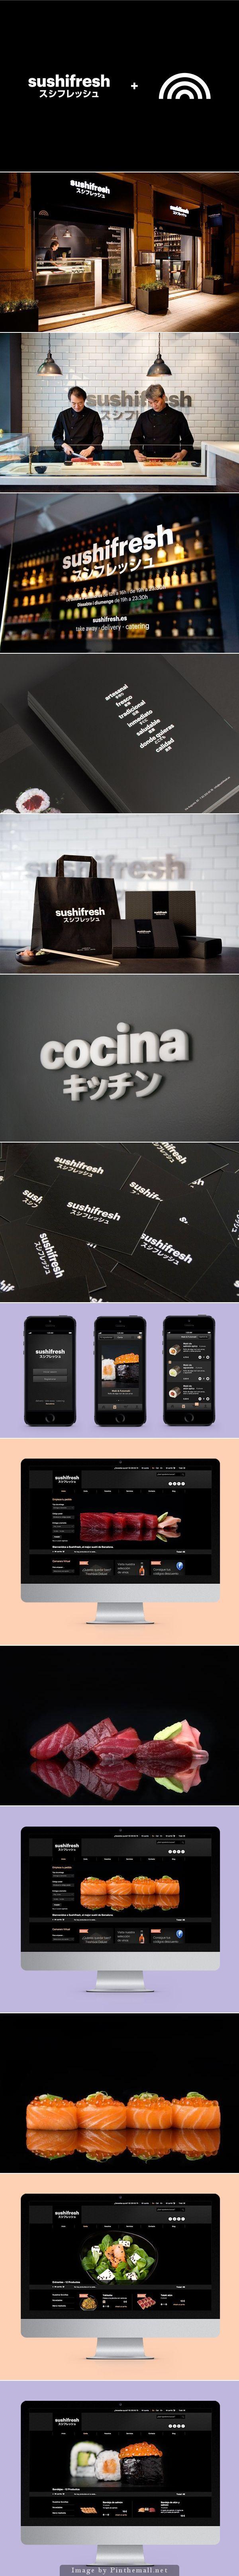 Sushifresh Branding